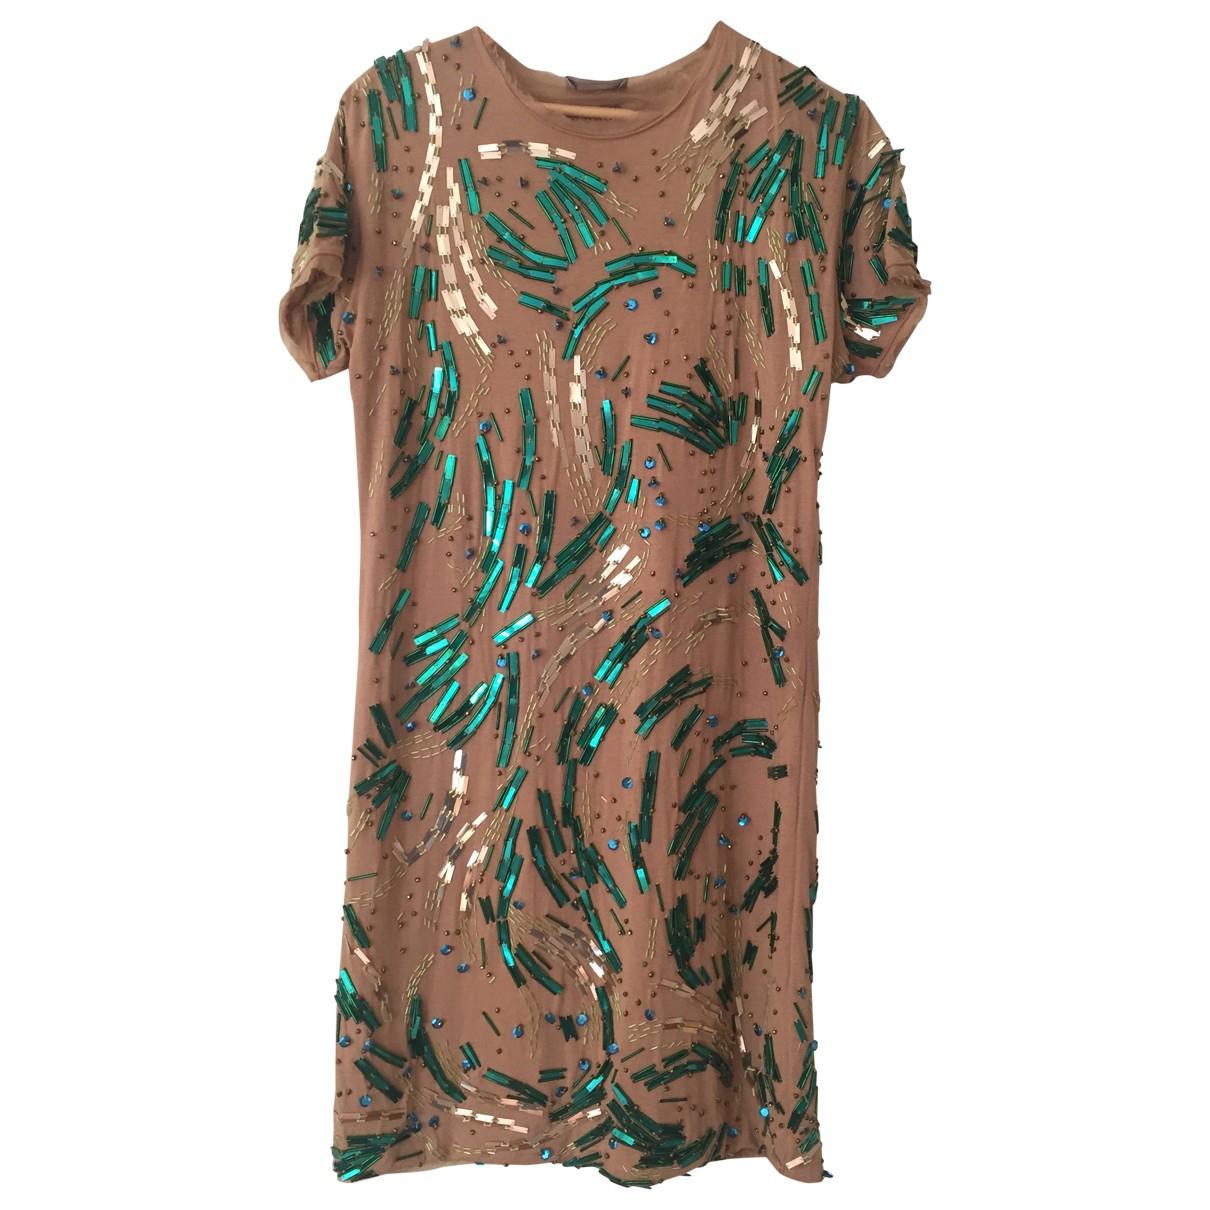 Lanvin \N Kleid in  Beige Baumwolle